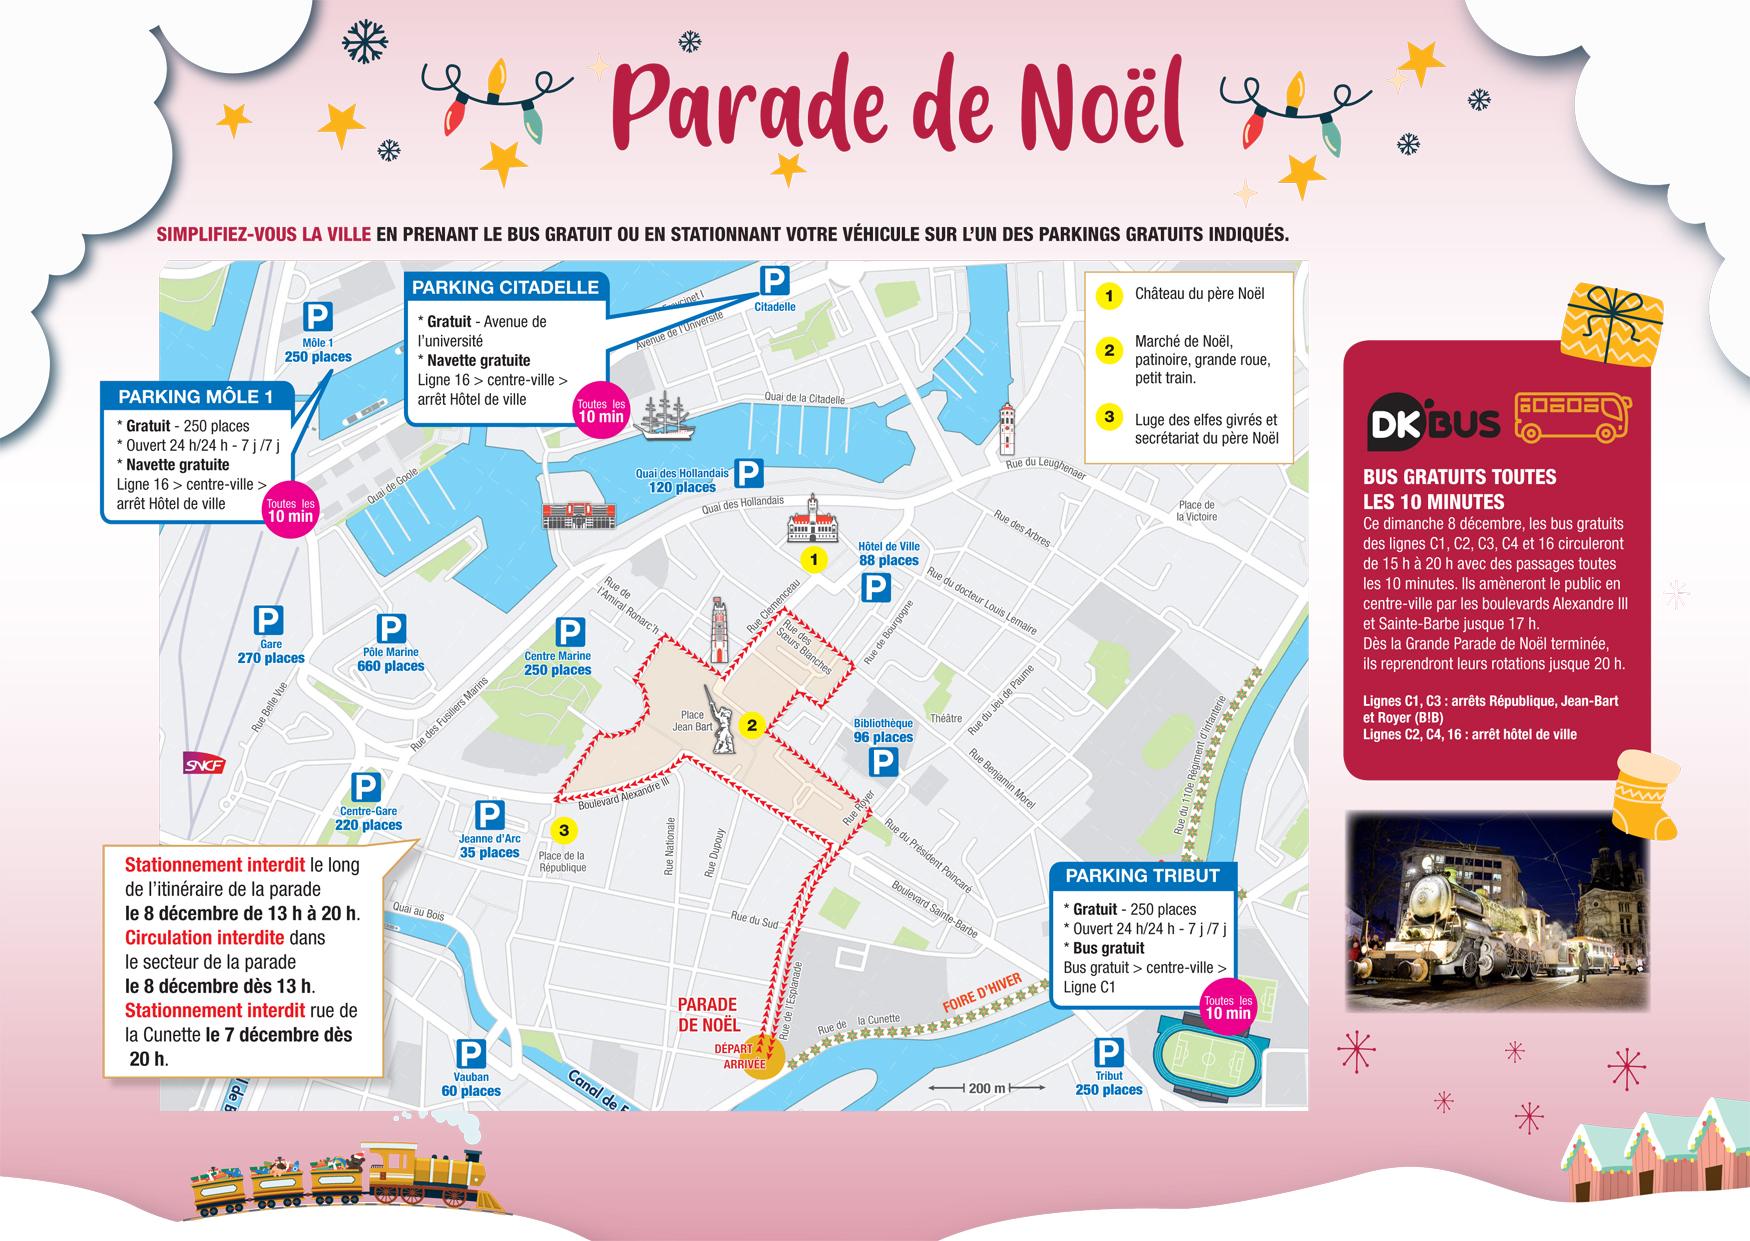 LA PARADE DE NOËL, LE DIMANCHE 8 DÉCEMBRE - 17H30 – Centre-ville